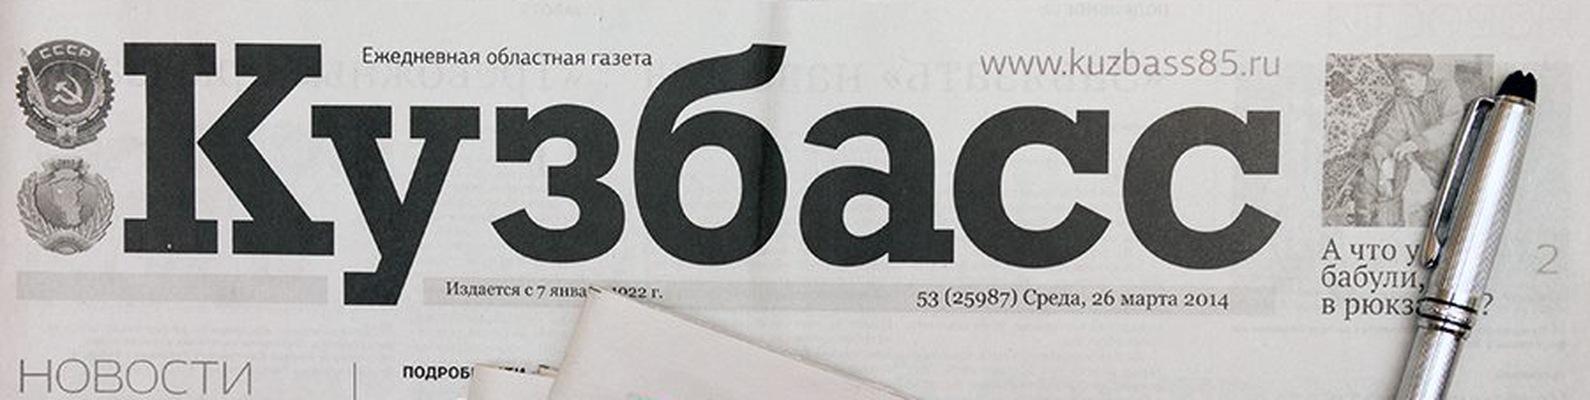 Подать объявление на кузбасс камаз продажа частные объявления омск